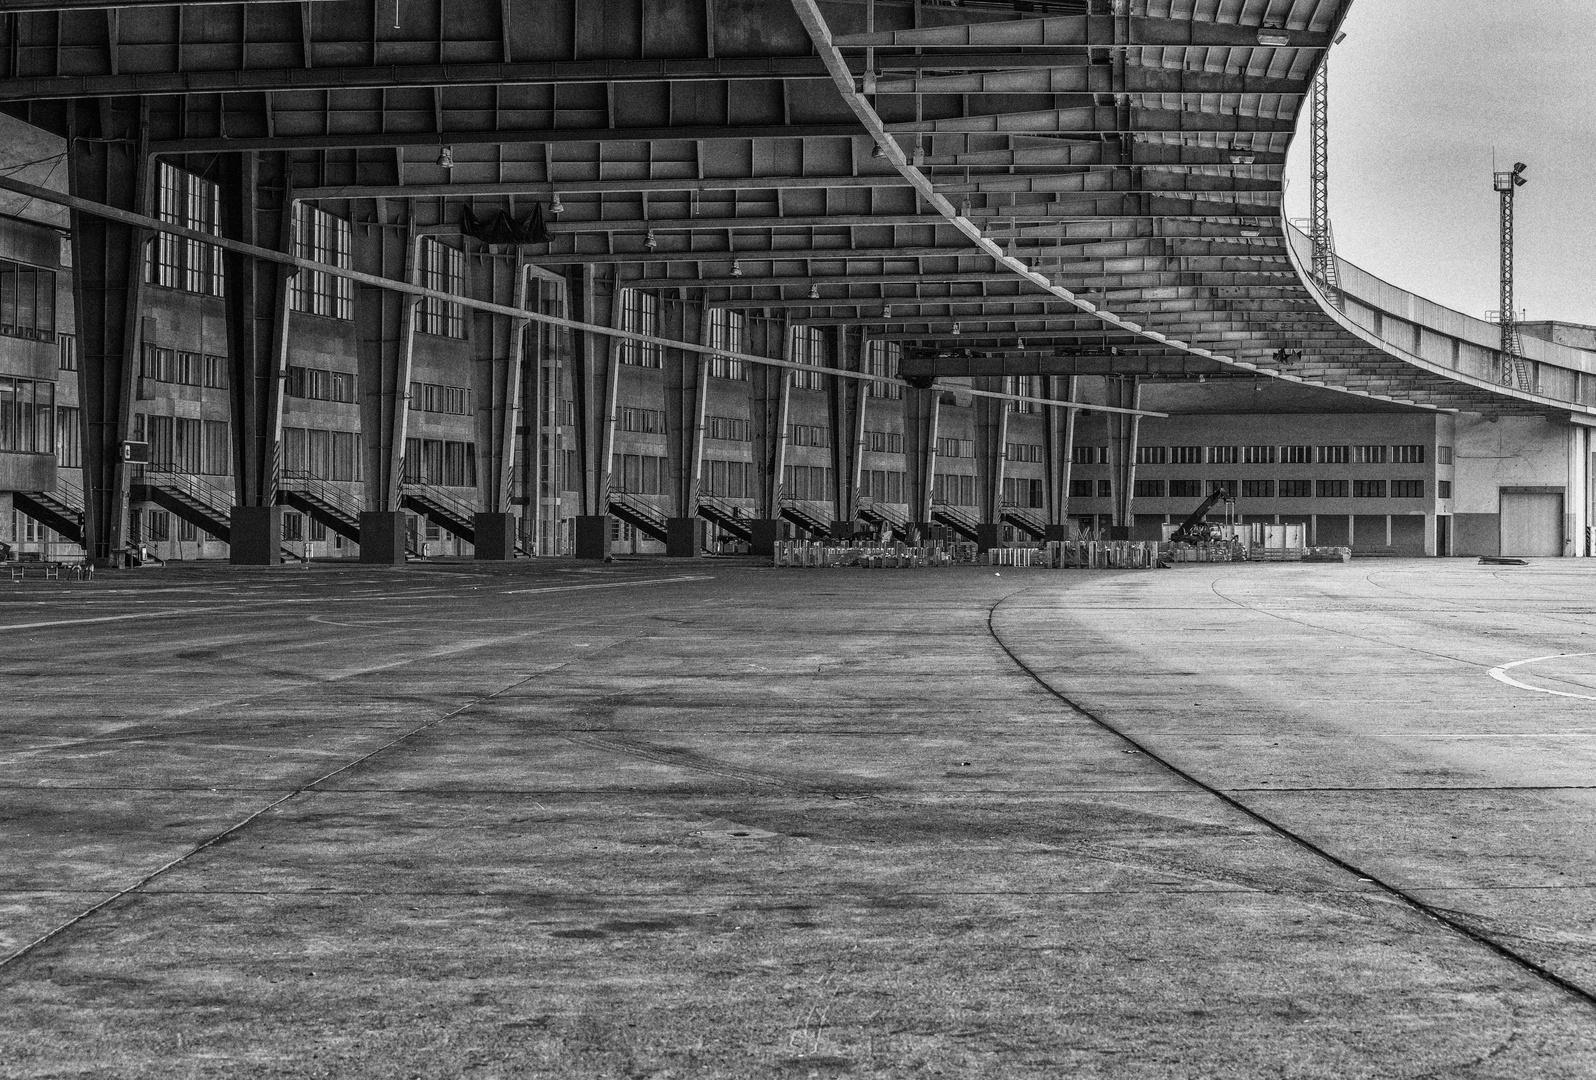 Flughafen Berlin Tempelhof (25)